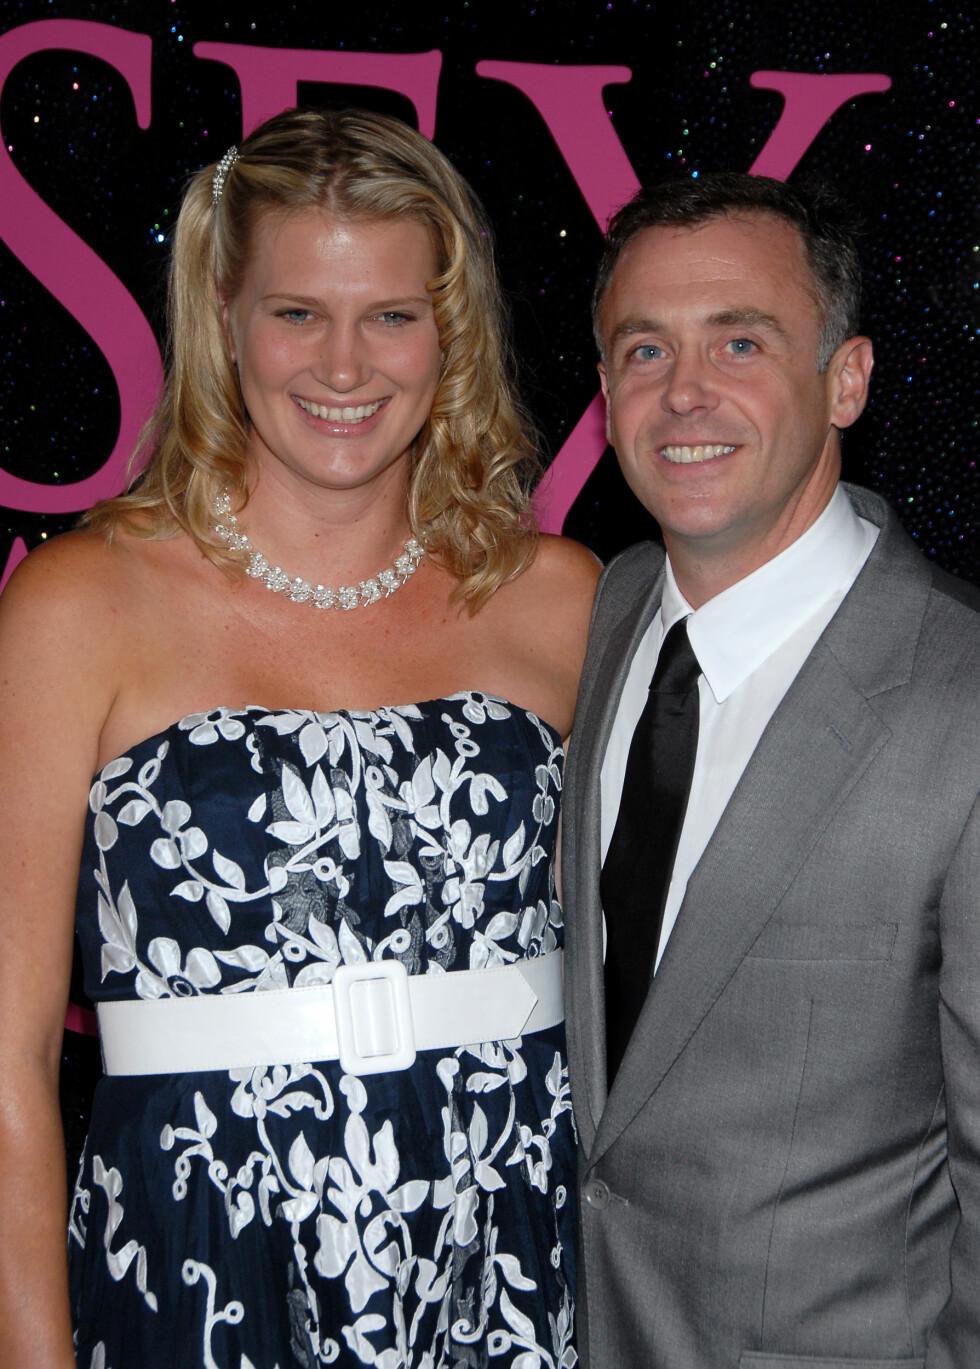 KONA: David Eigenberg spilte Miranda Hobbes sin ektemann Steve Brady. Her med sin egen kone Chrysti Eigenberg under premieren av den første «Sex og singelliv»-filmen i 2008. De har to barn sammen. Foto: NTB Scanpix